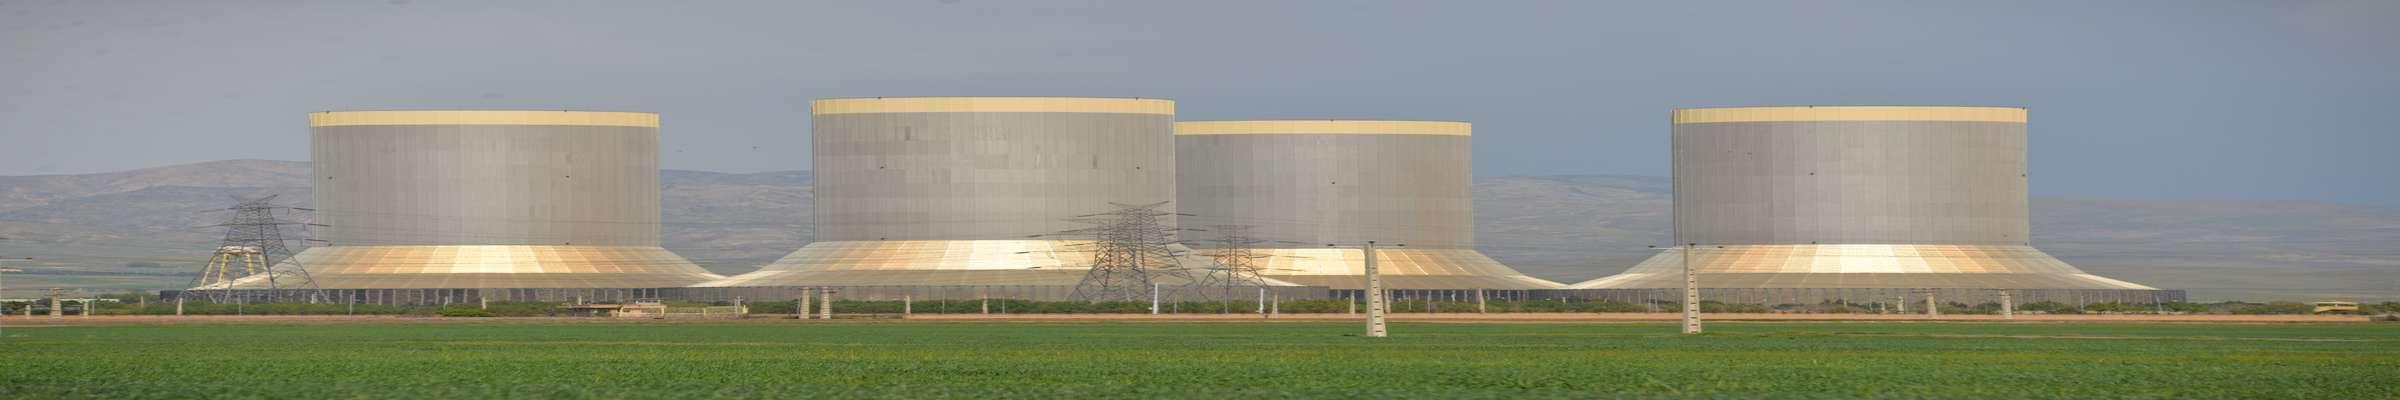 بازسازی کامل کارت های الکترونیک واحدهای نیروگاه شهید رجایی قزوین